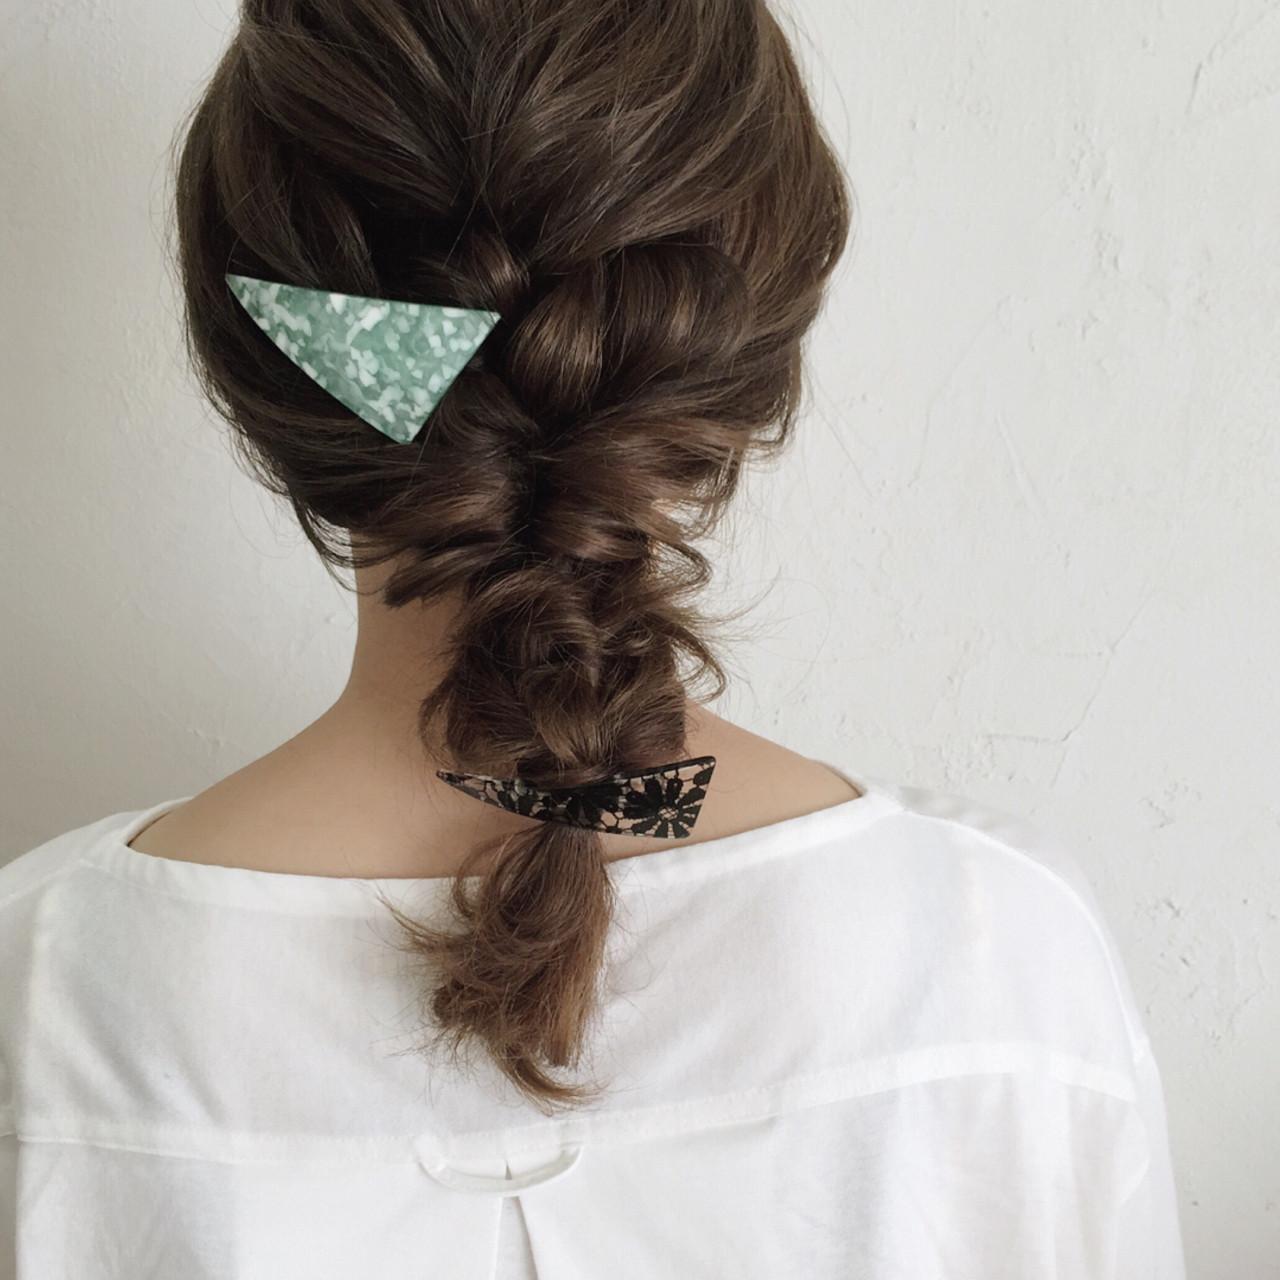 髪型はミディアムで決まり!簡単アレンジで誰でもかわいくなれる!♡の8枚目の画像